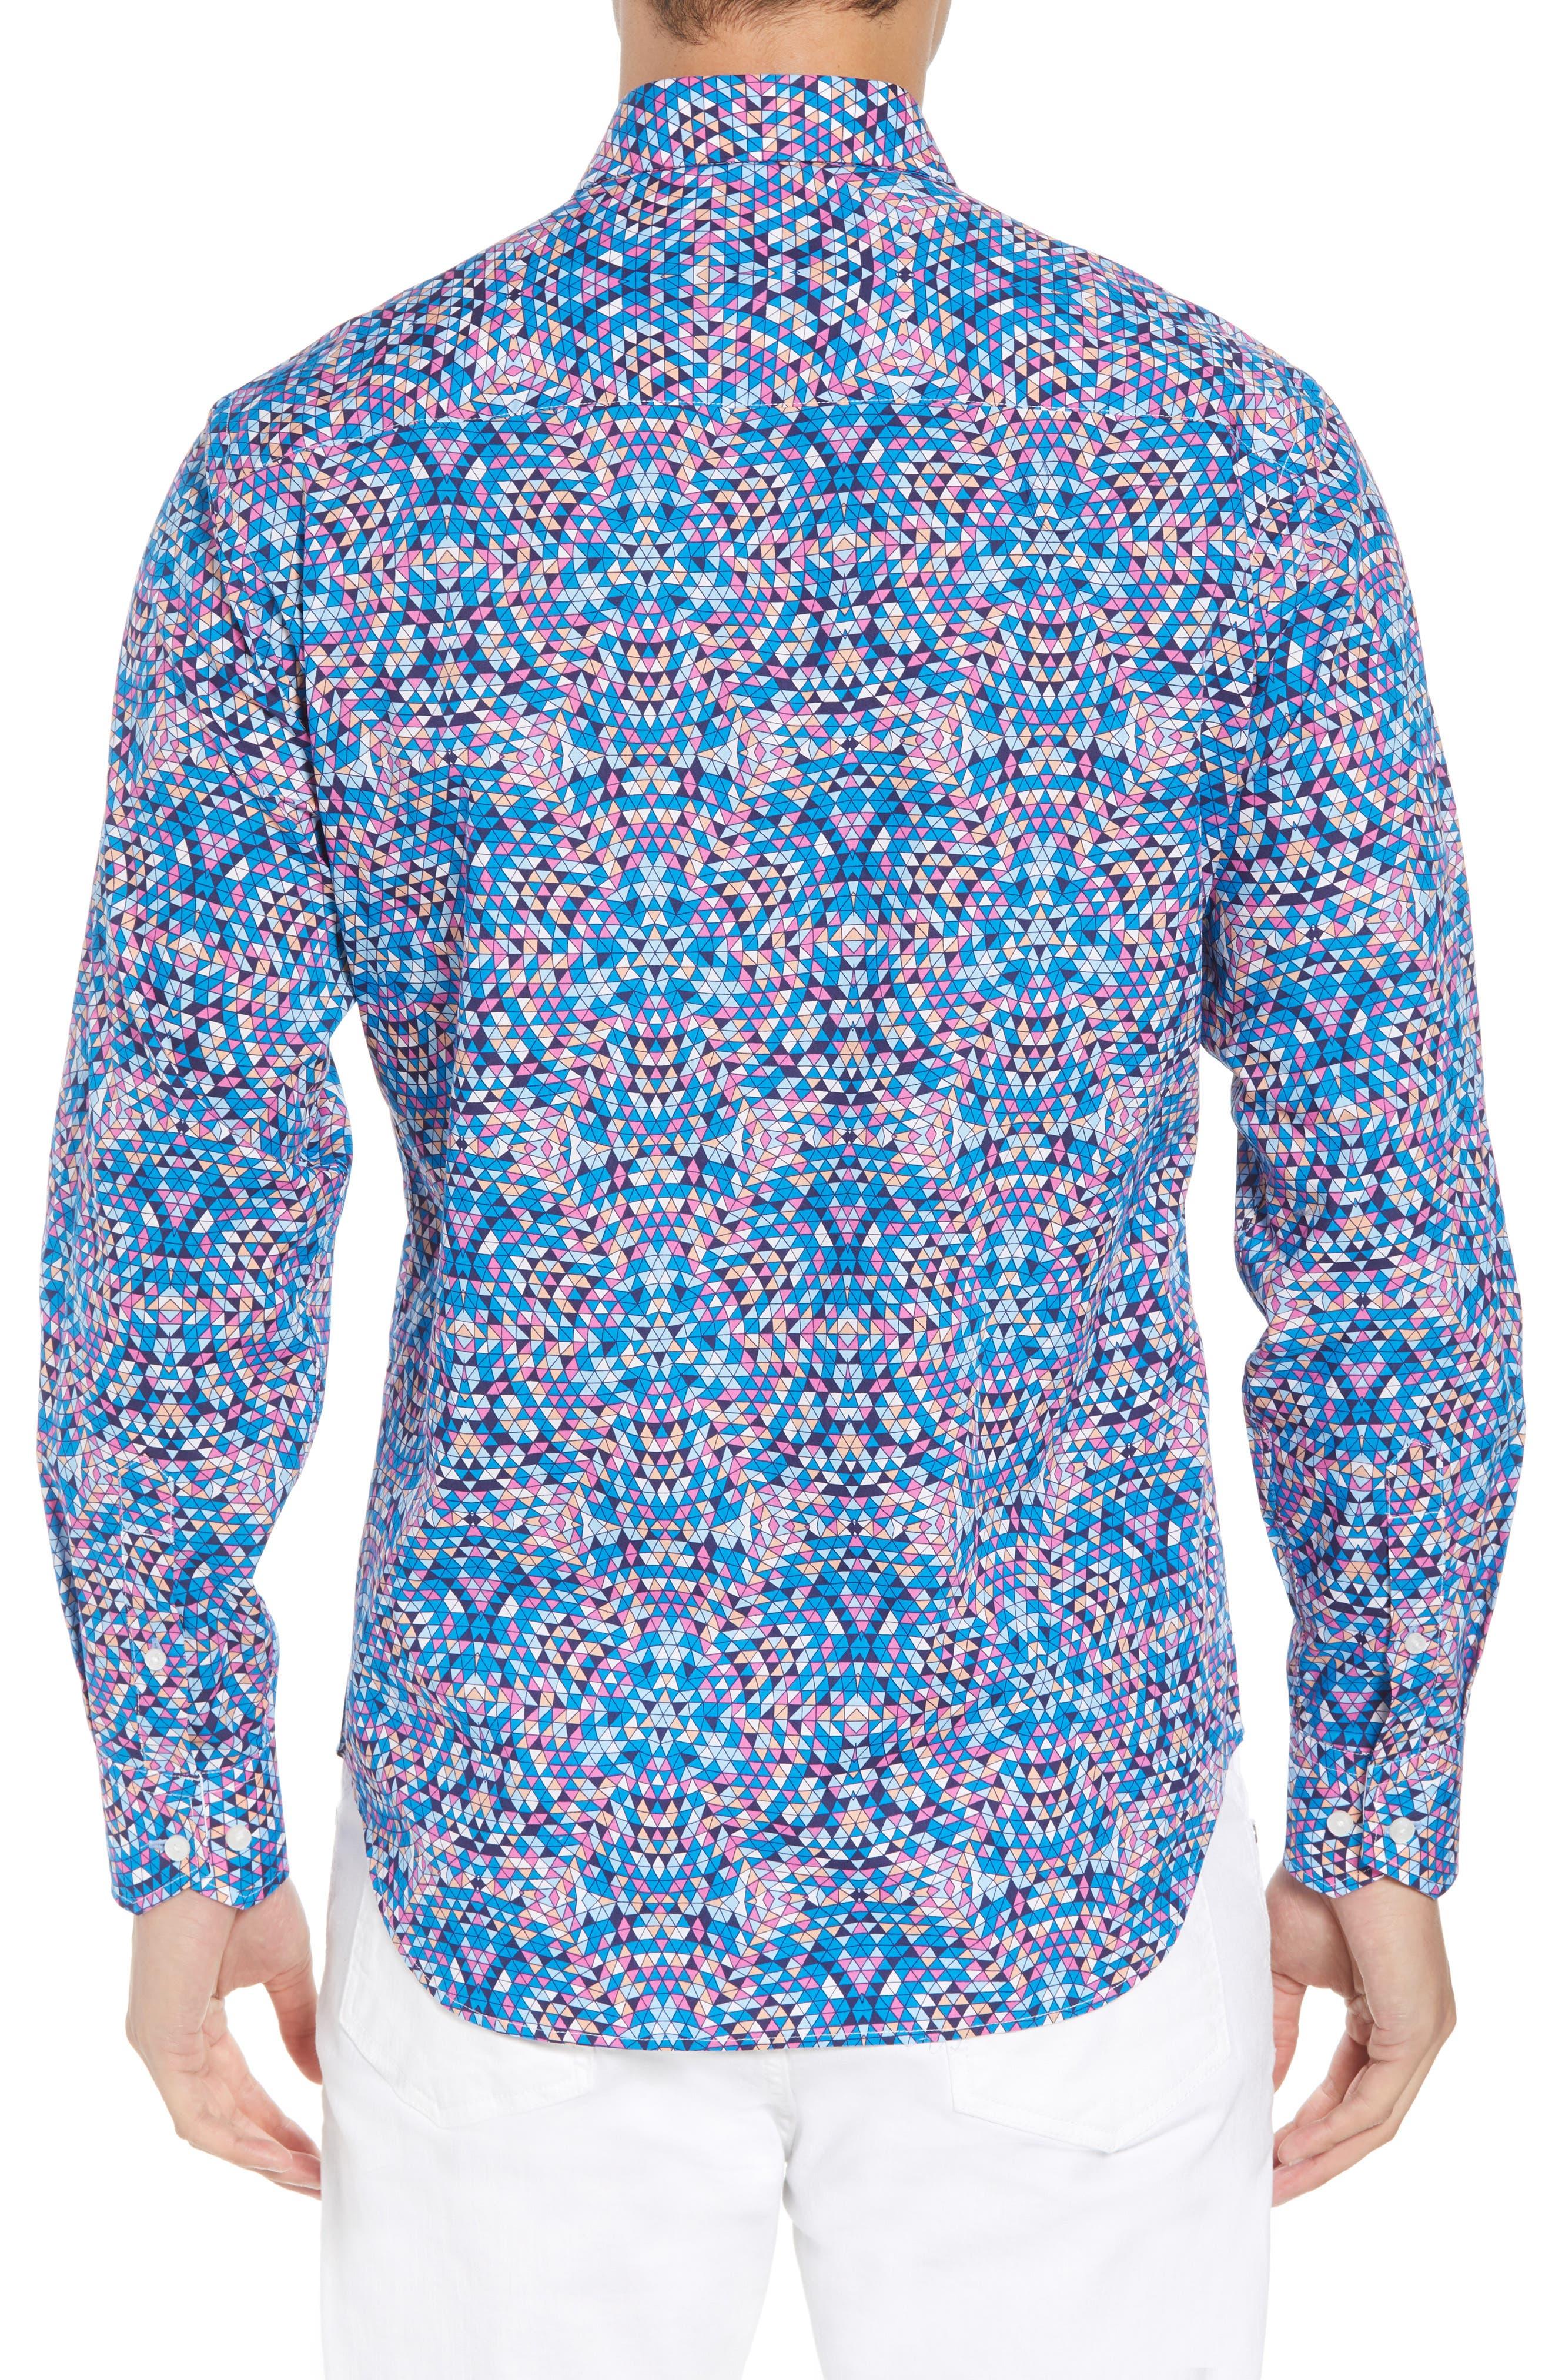 Alden Regular Fit Sport Shirt,                             Alternate thumbnail 3, color,                             Teal